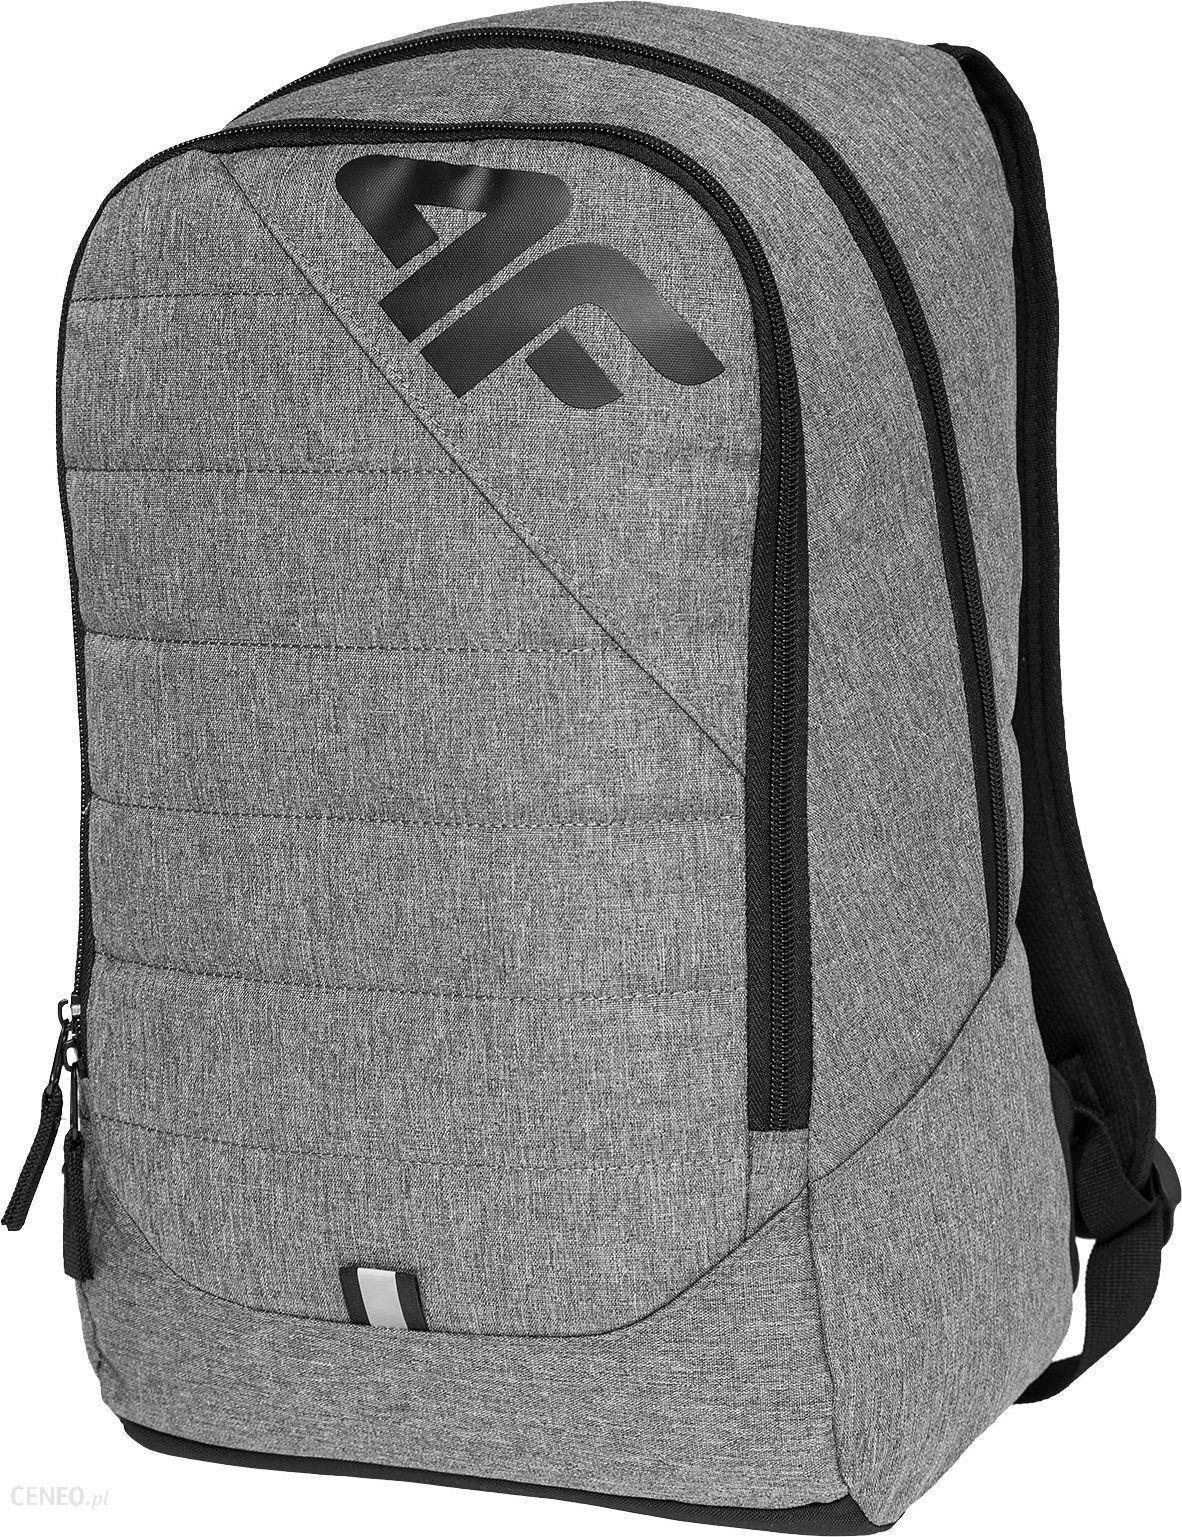 4676057b30d44 Plecak 4F Plecak Sportowy H4Z18 Pcu003 20 Szary P5826 - Ceny i ...